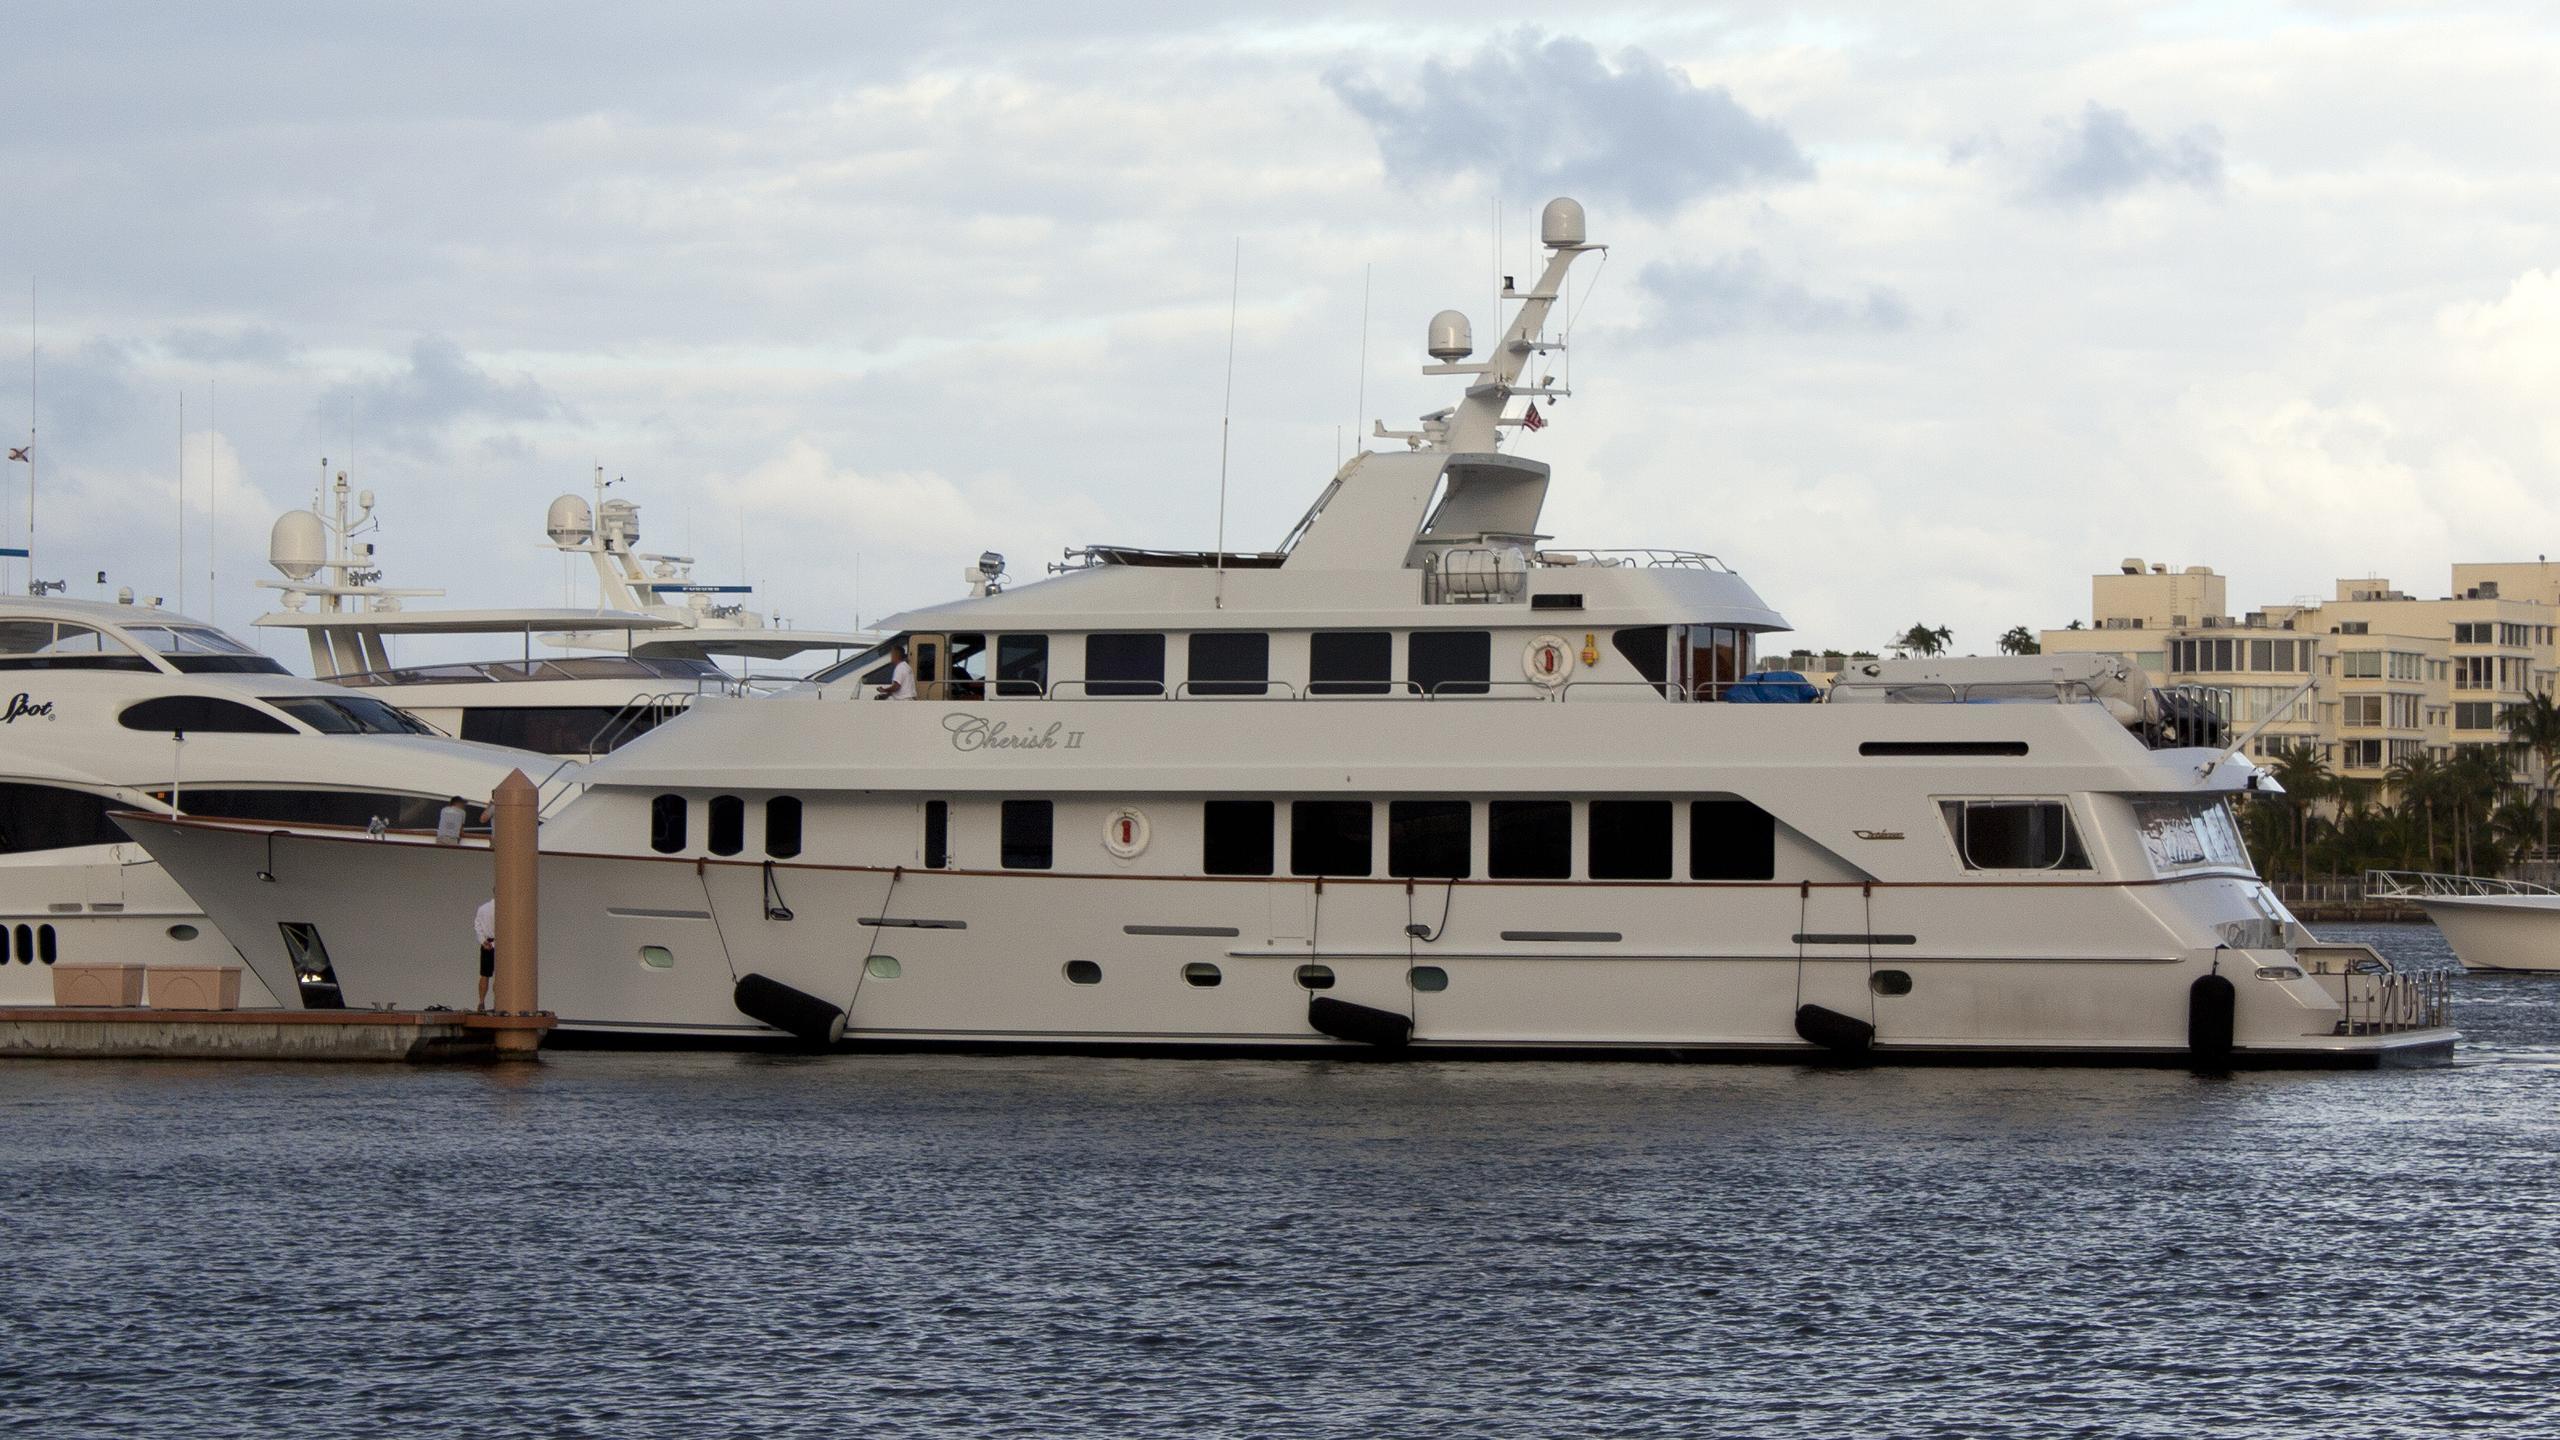 cherish-ii-yacht-exterior